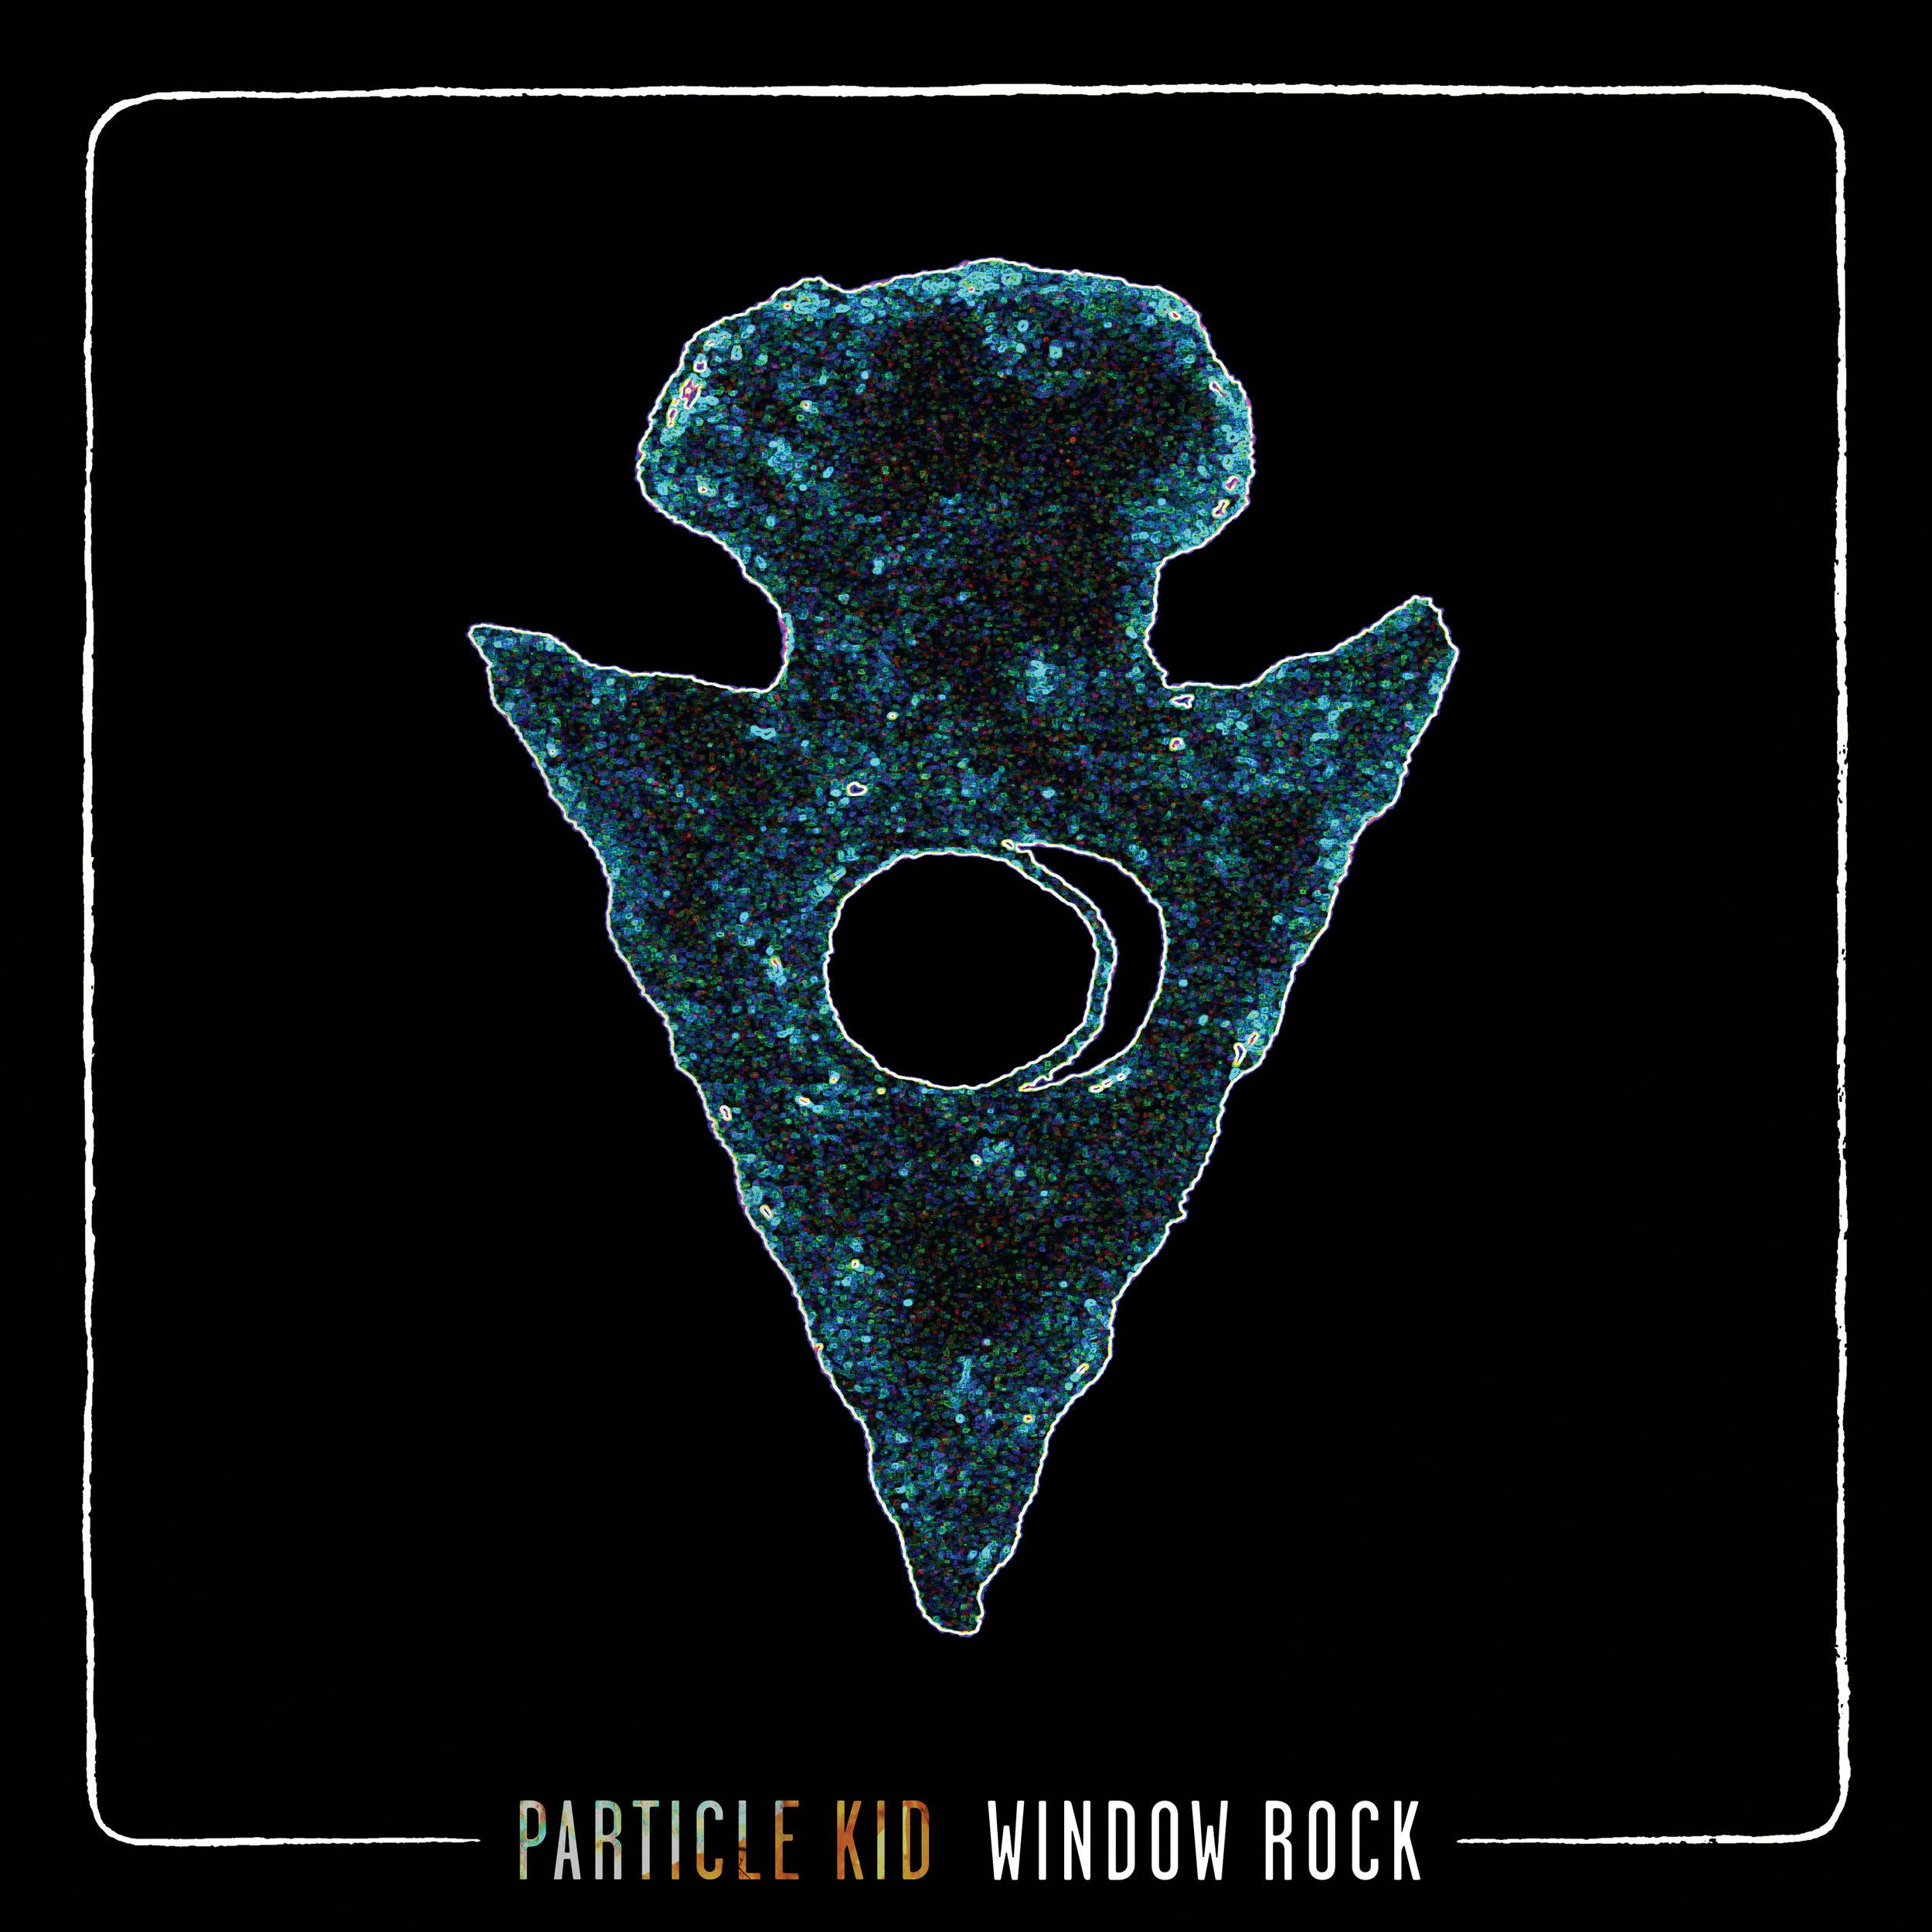 ParticleKid_WindowRock_Cover.jpg